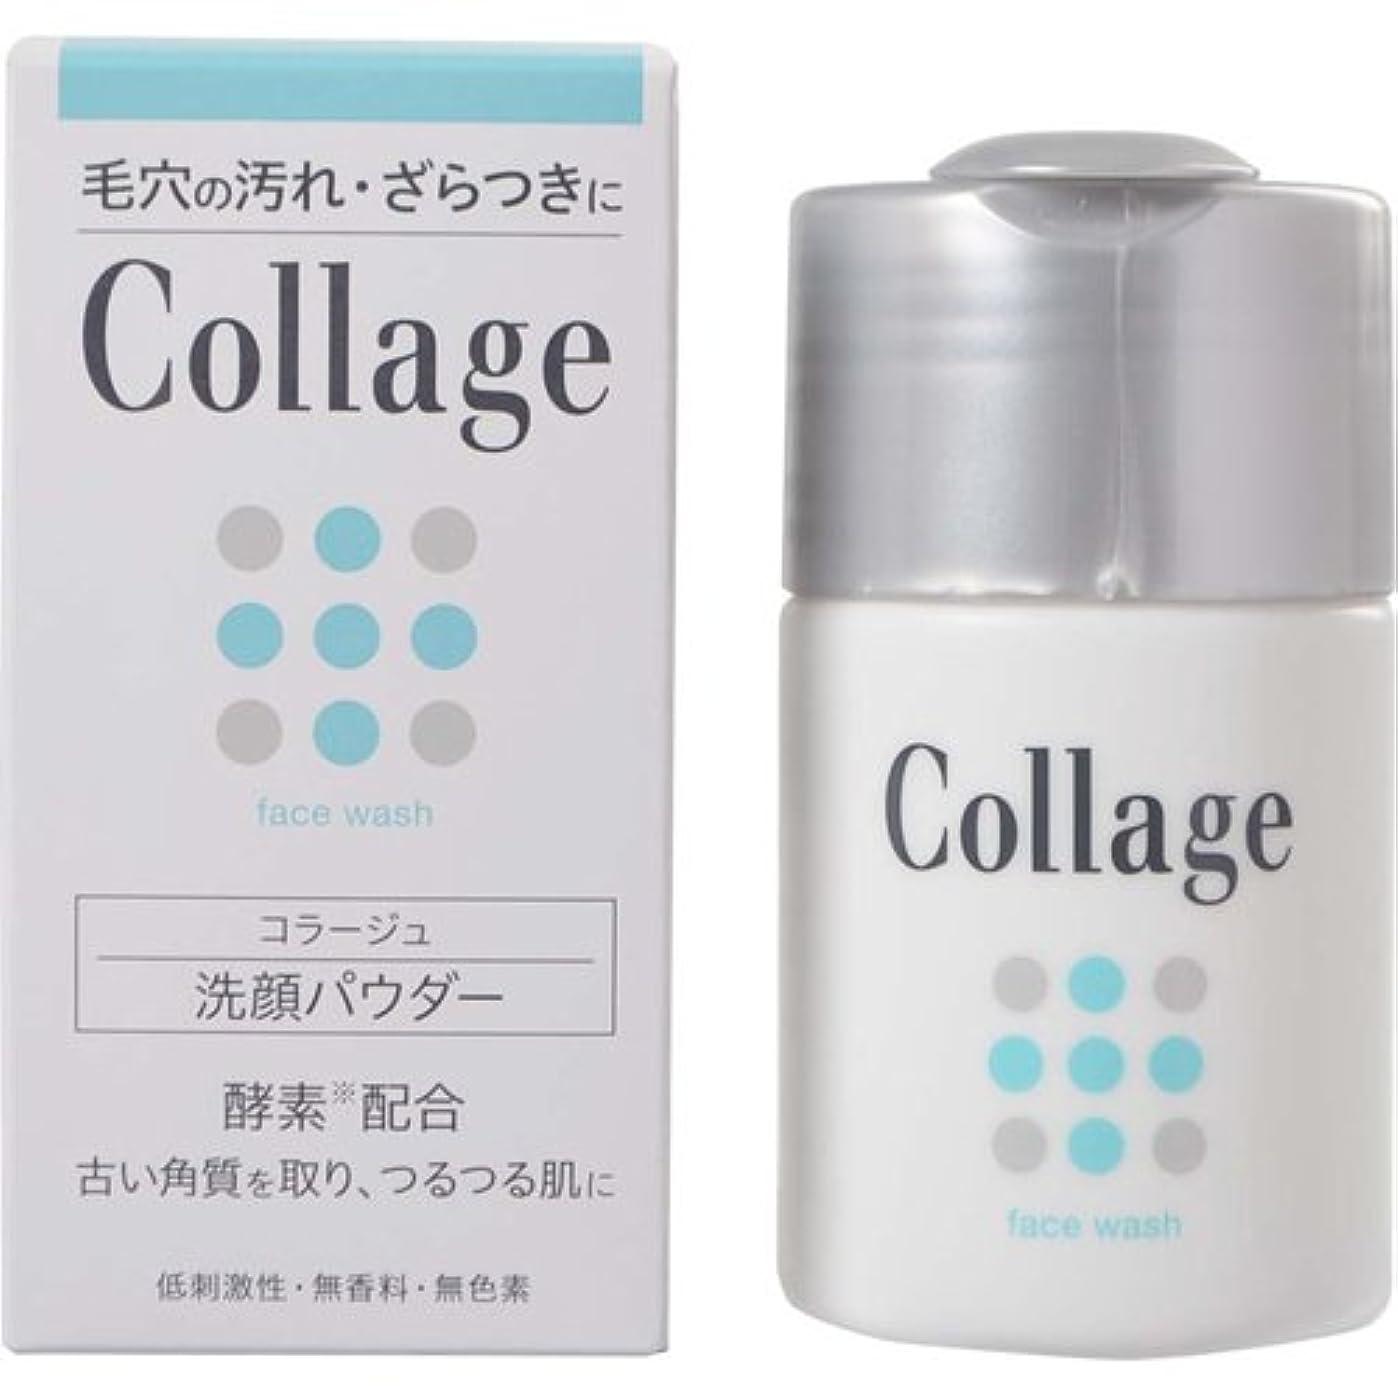 輝度突撃男コラージュ 洗顔パウダー 40g